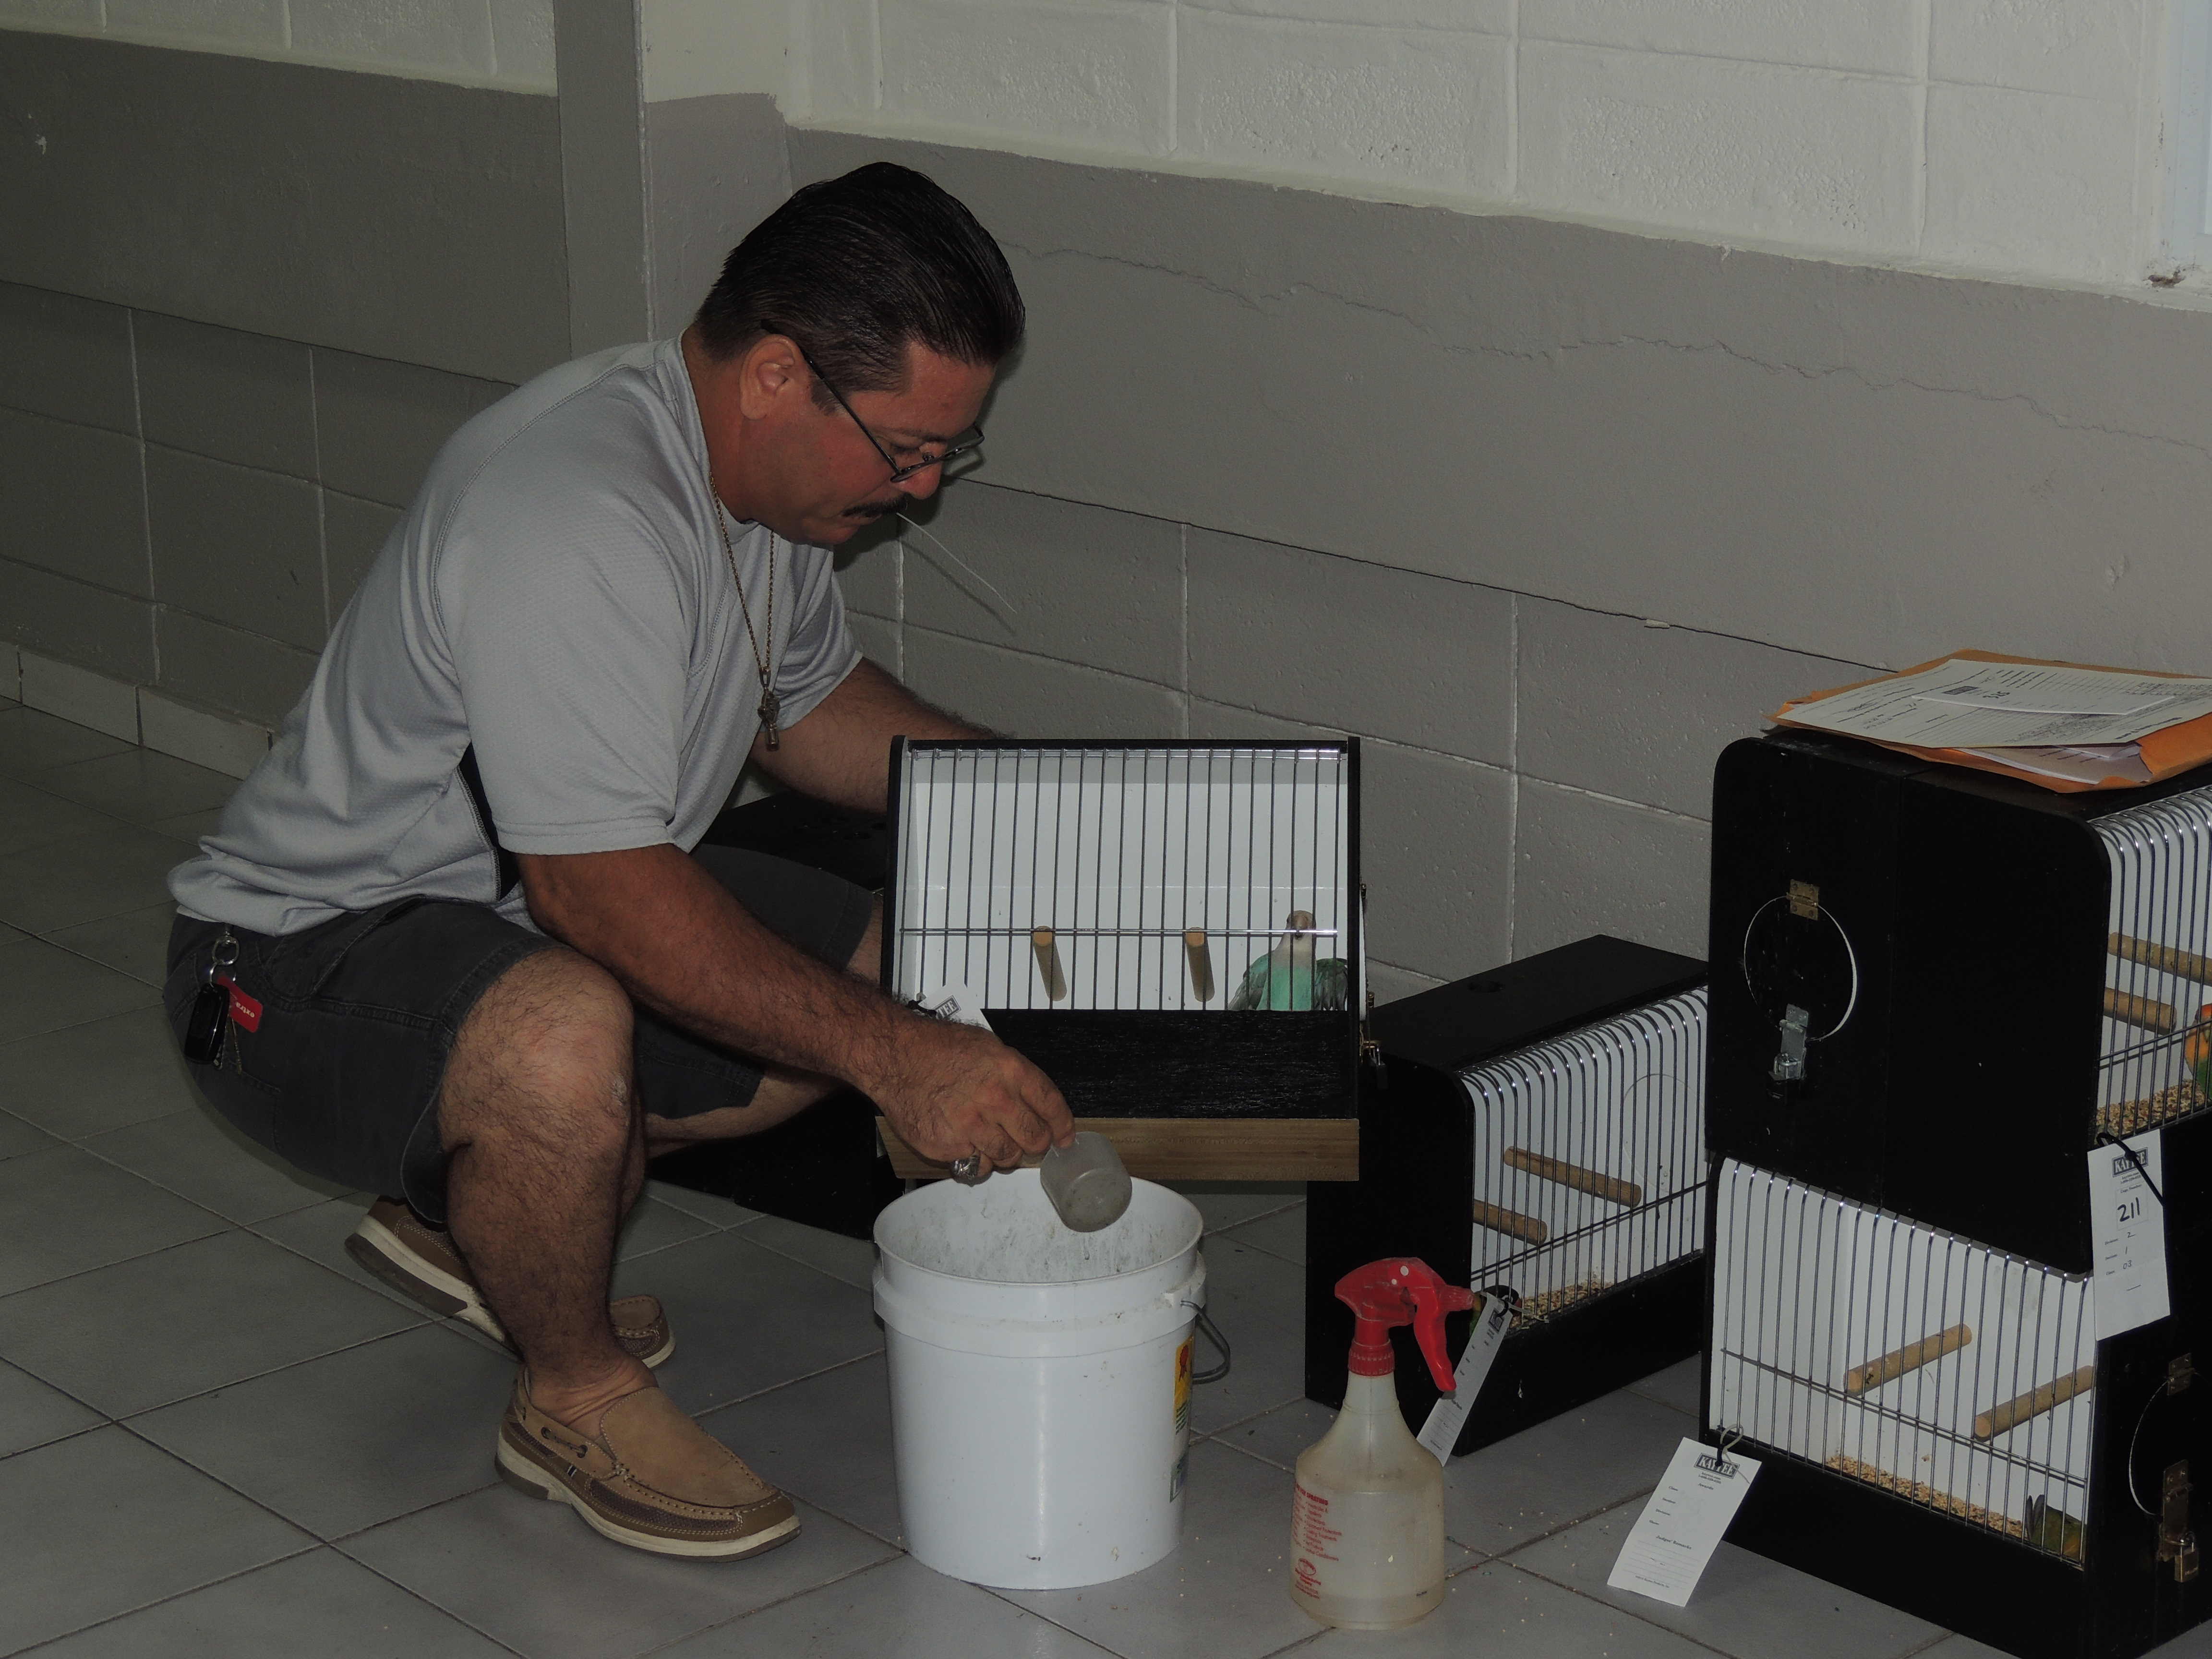 Luis Rivera getting his birds ready. Luis Rivera preparando sus aves. Courtesy Marilena Salmones